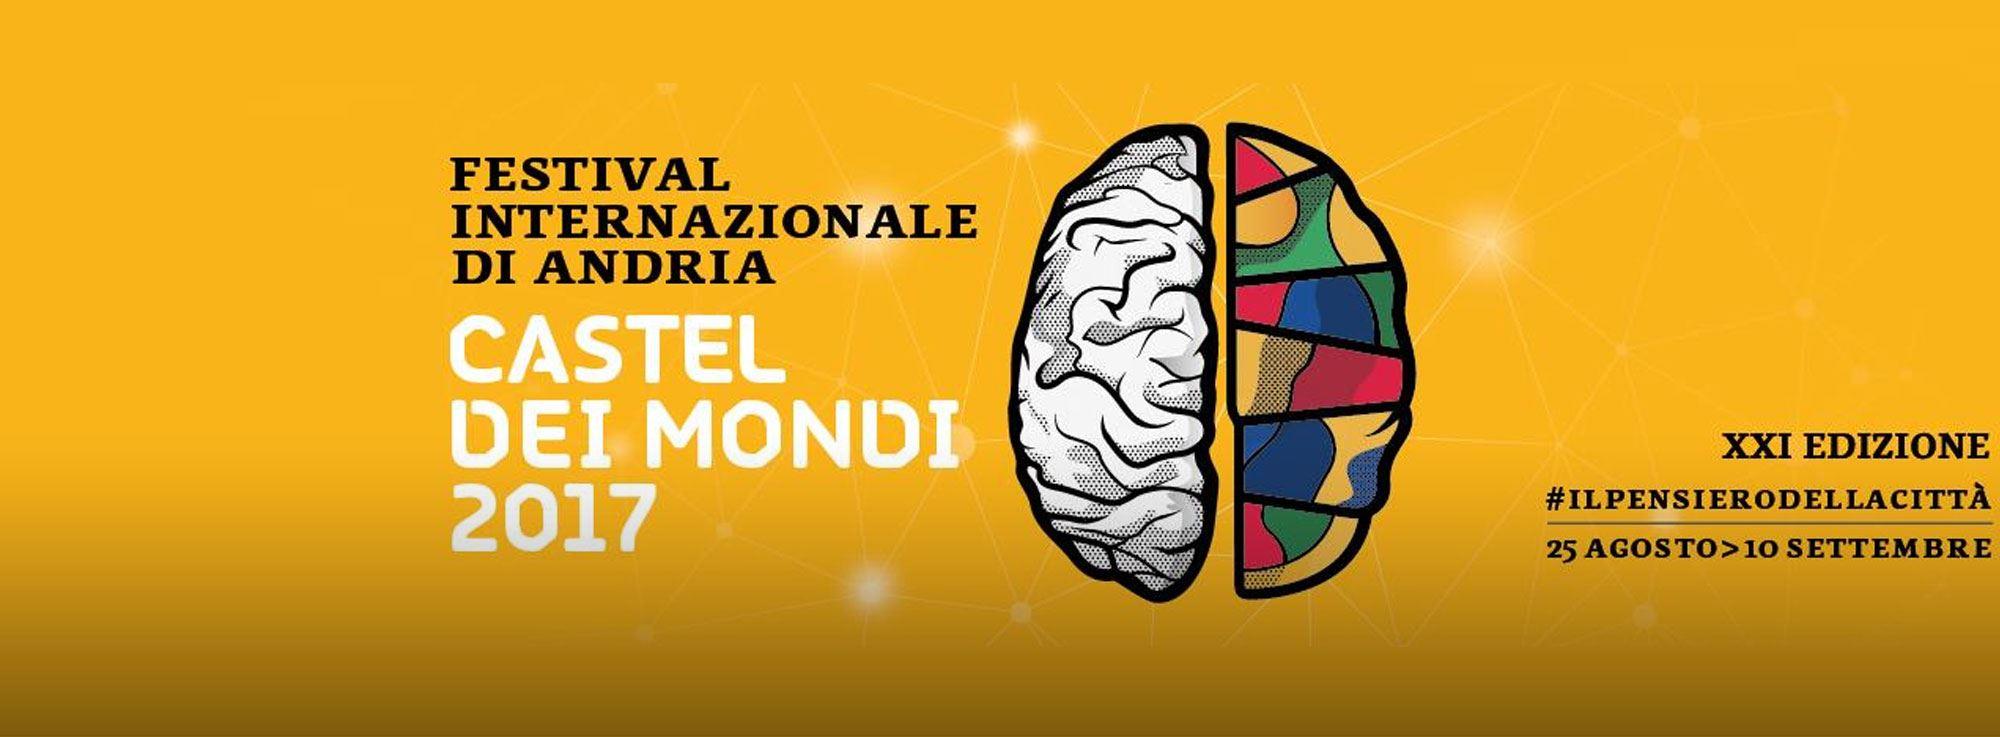 Andria: Festival Internazionale Castel dei Mondi